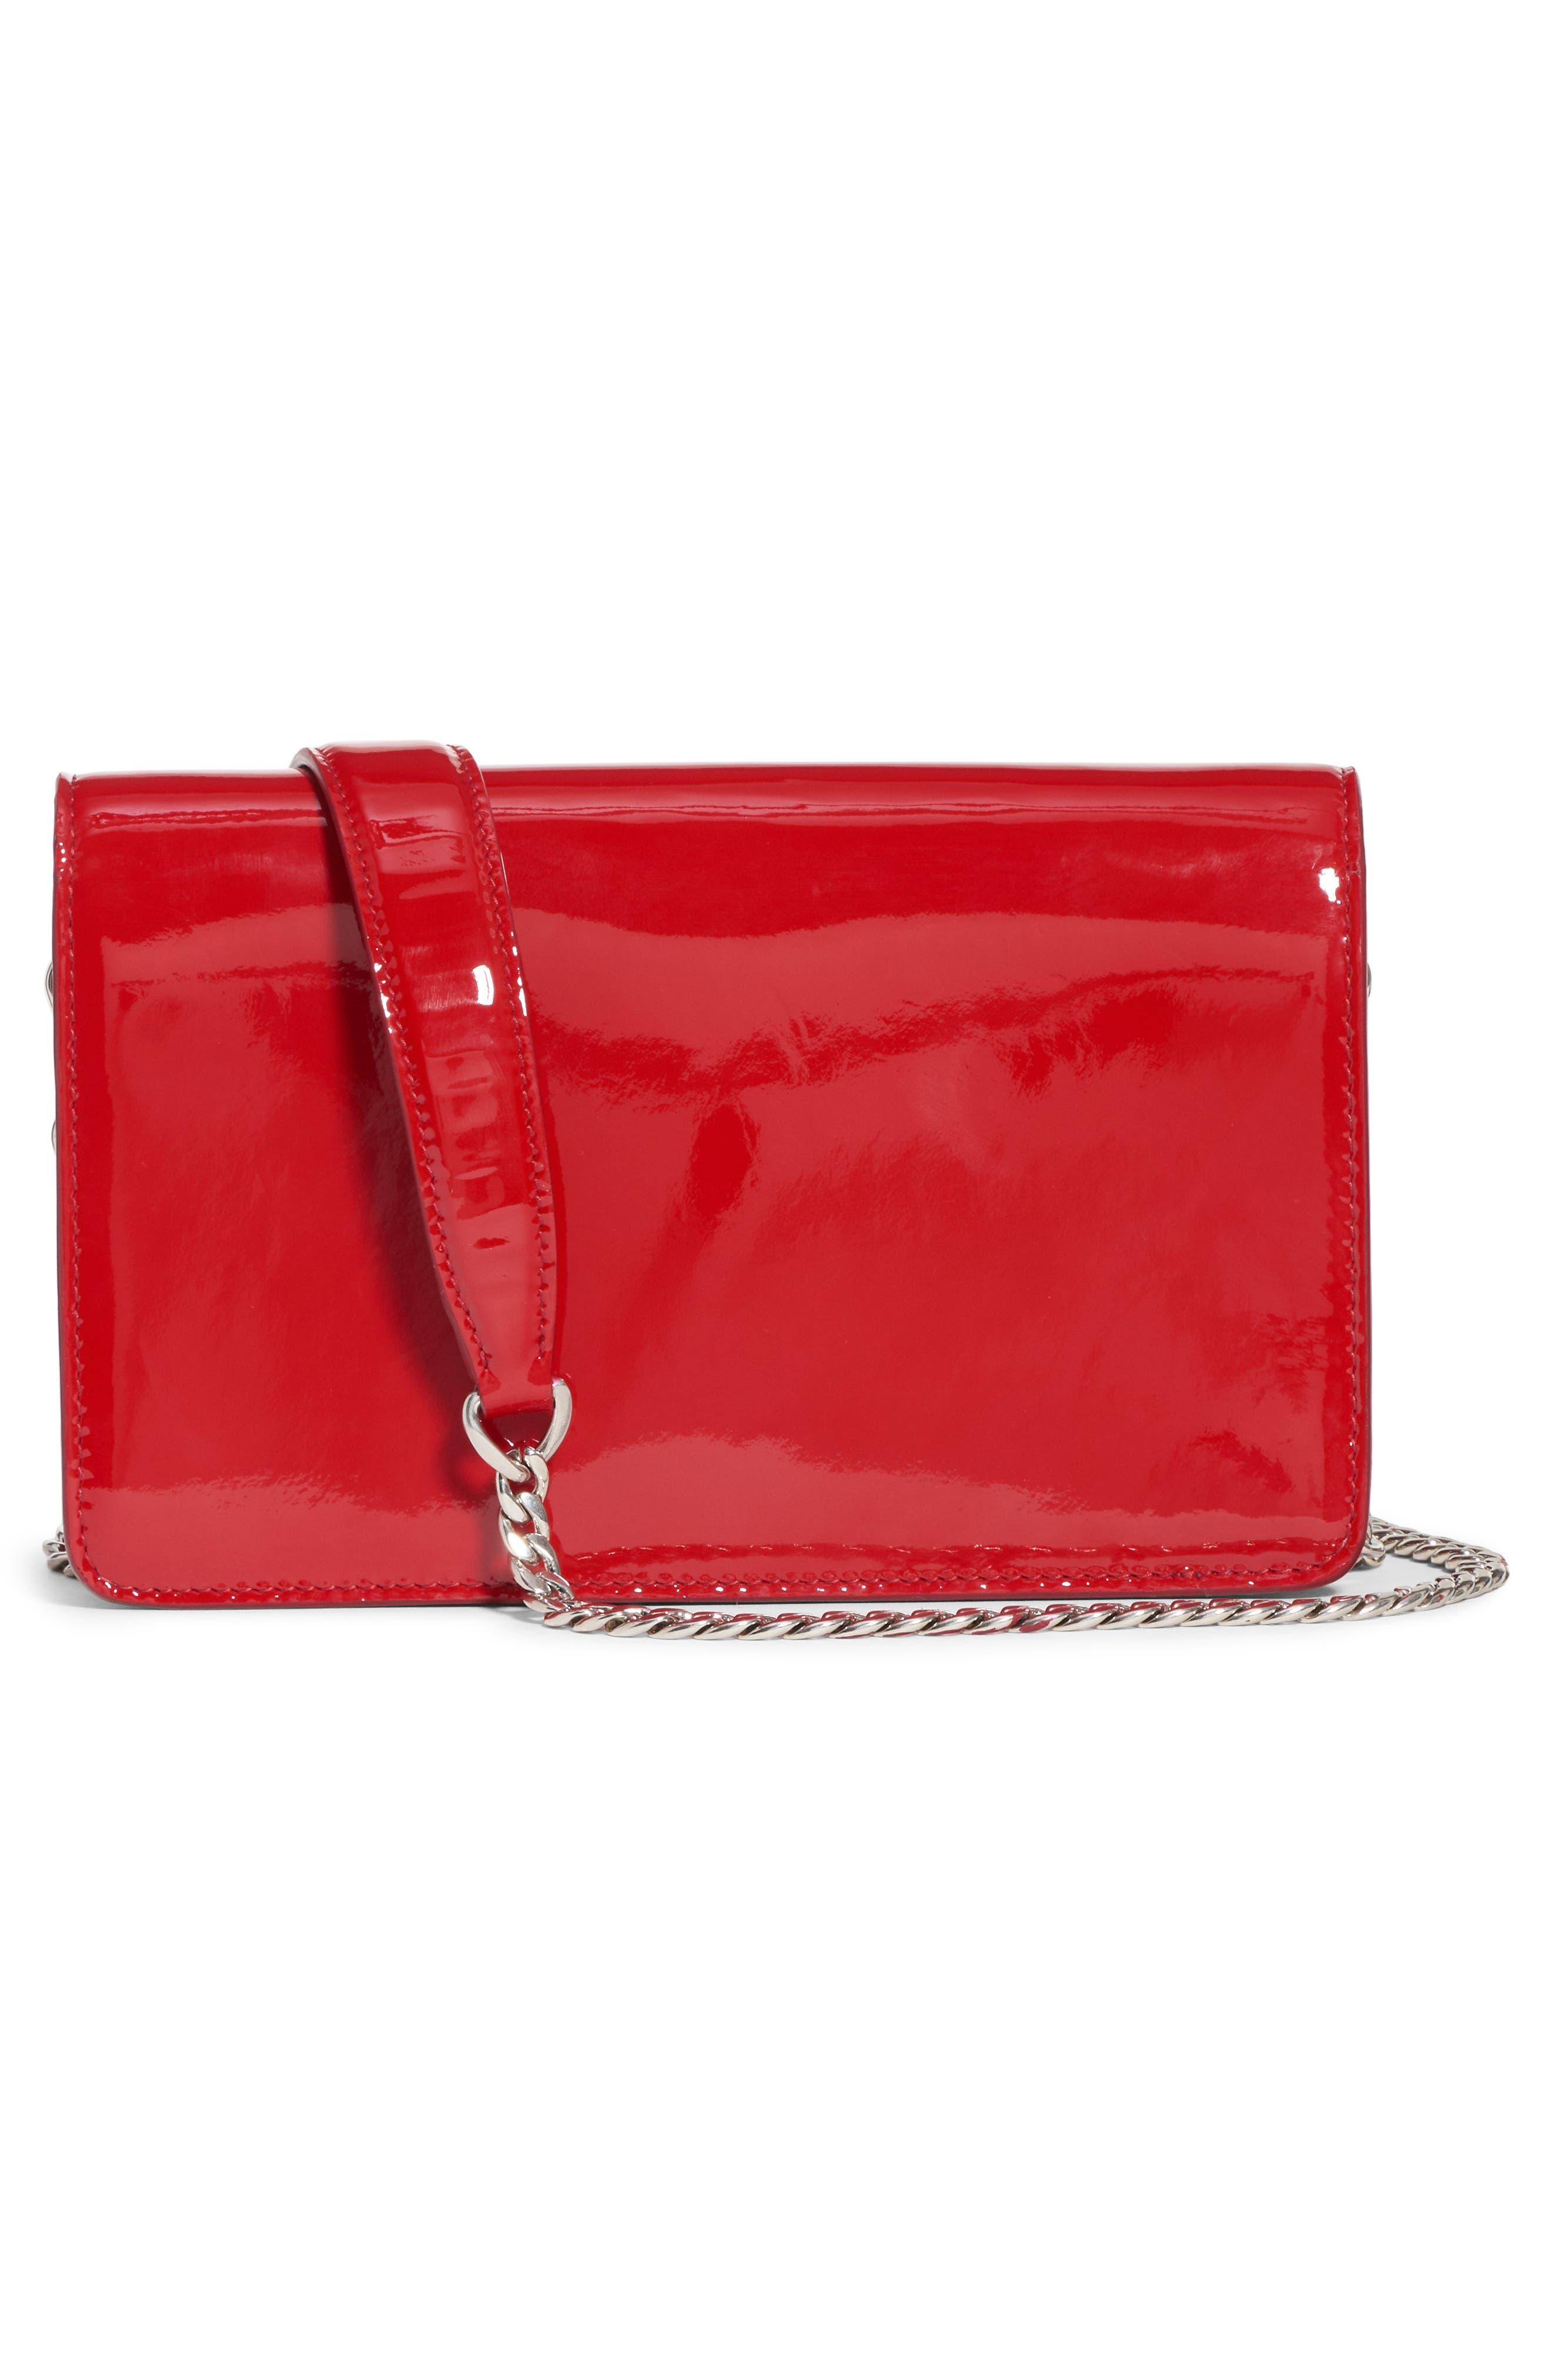 Vernice Crystal Logo Patent Leather Shoulder Bag,                             Alternate thumbnail 2, color,                             600